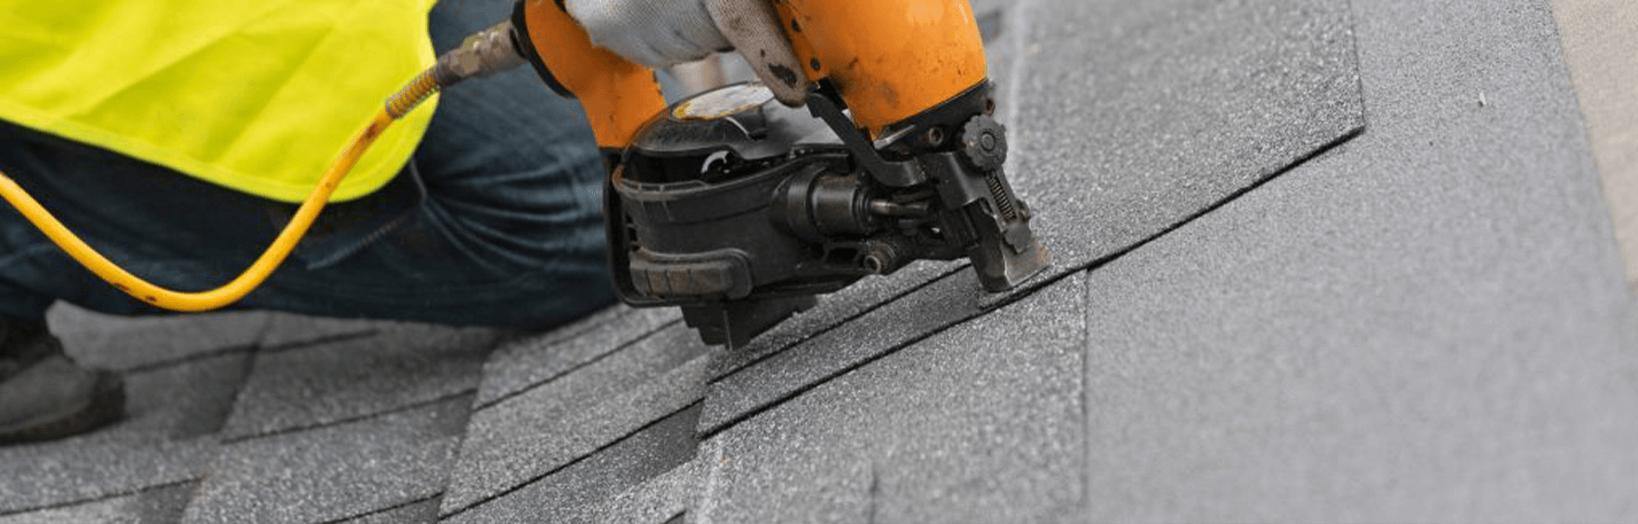 roof-repairs-image-01